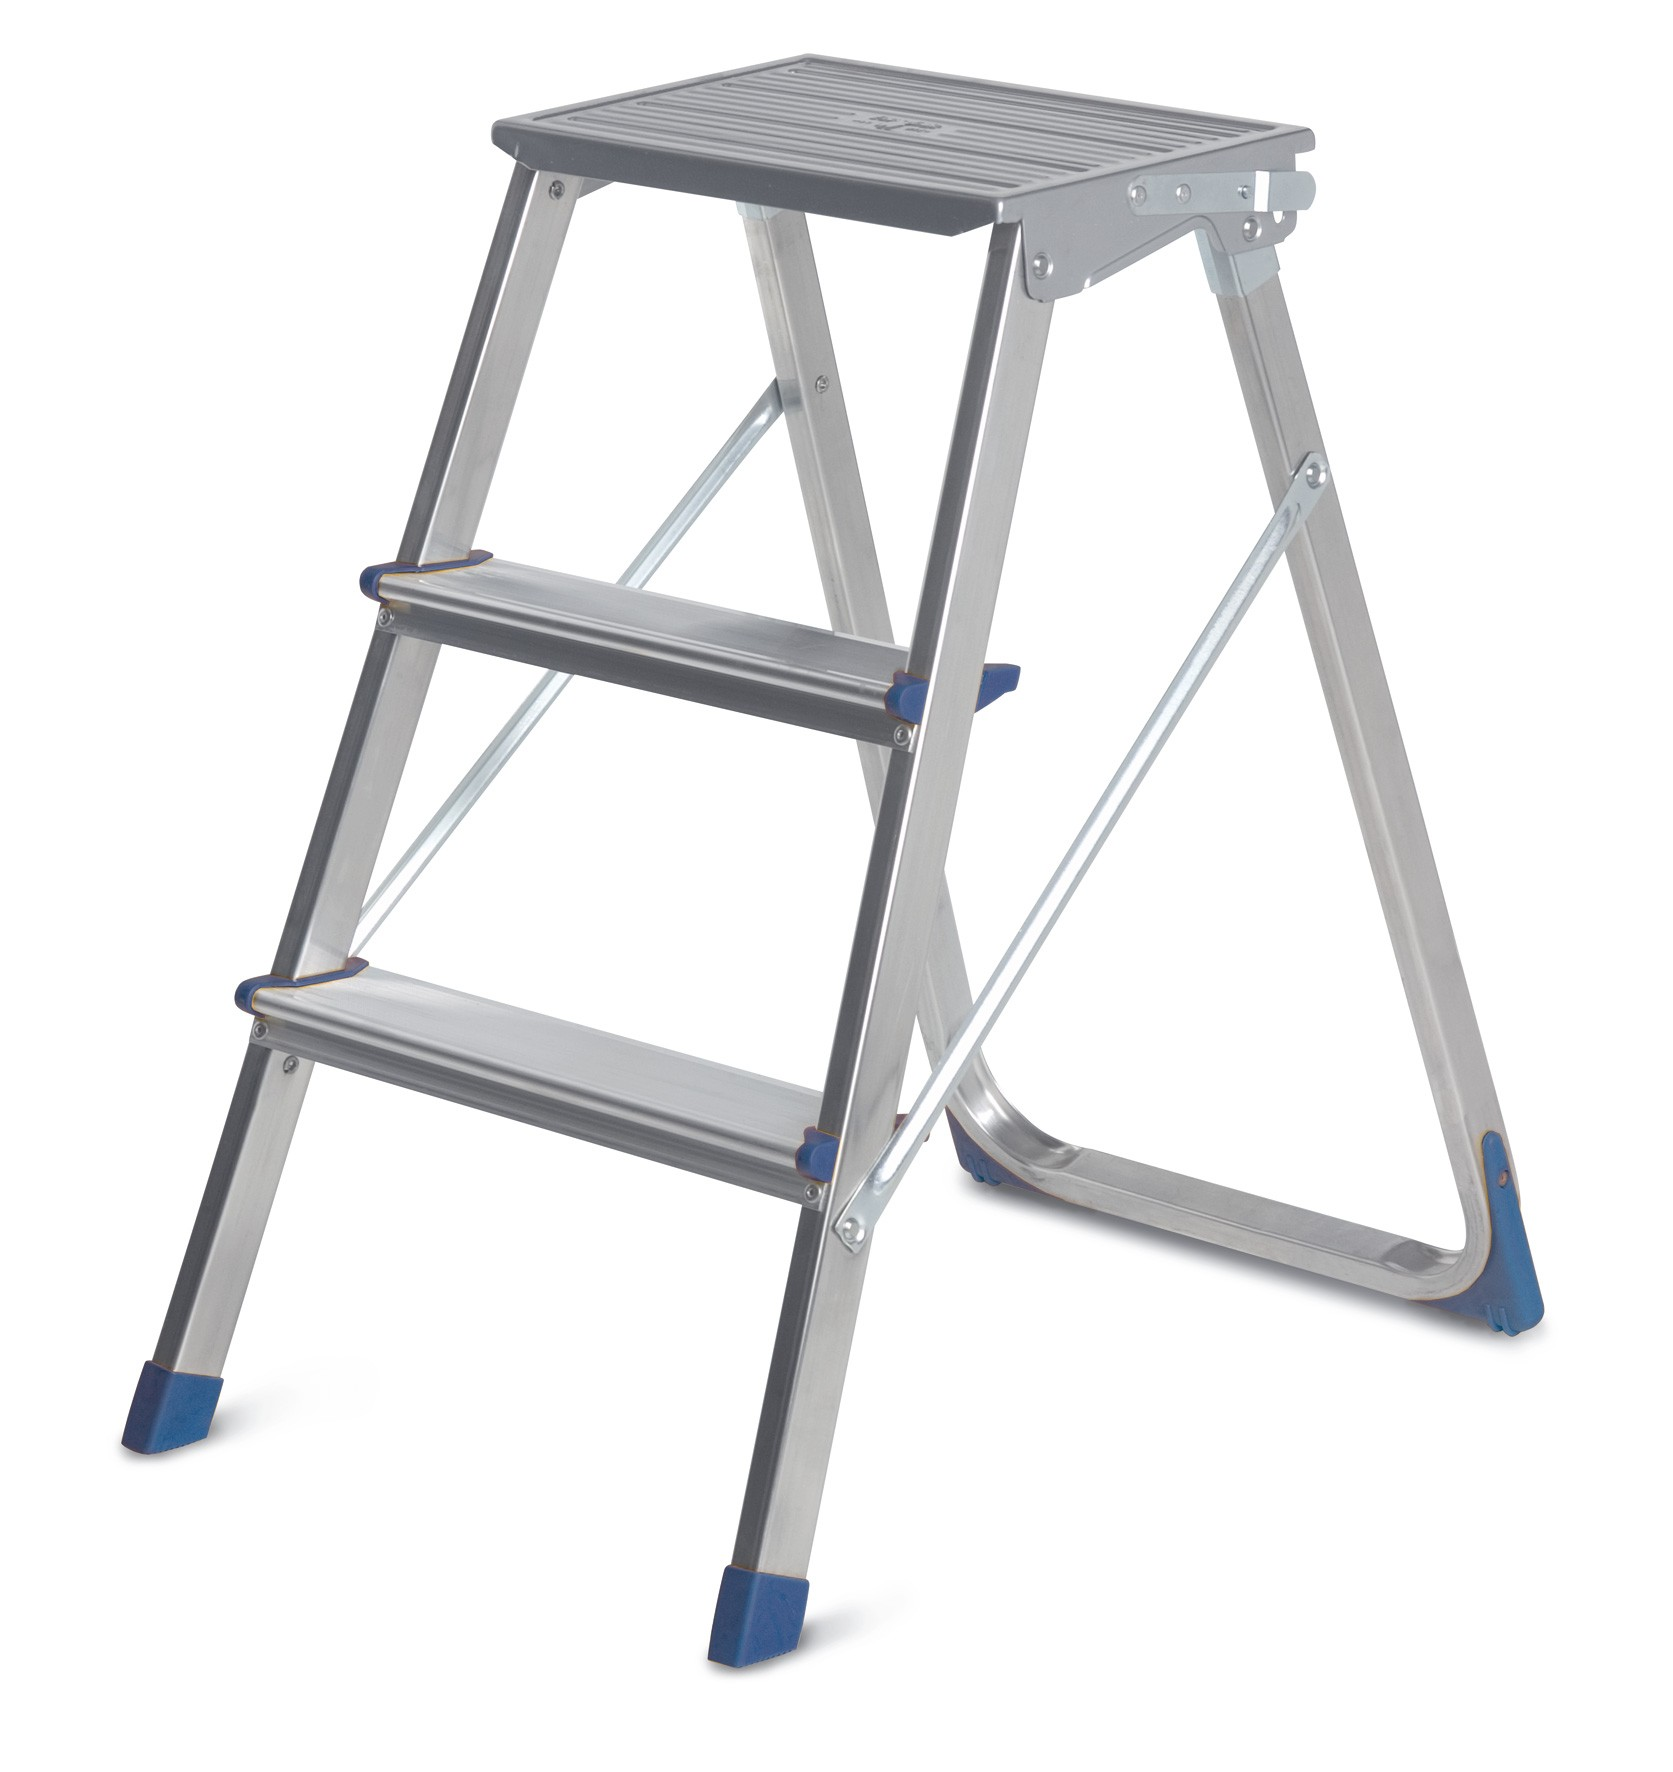 Σκάλα αλουμινίου Framar Piuma 133 με 2+1 σκαλιά